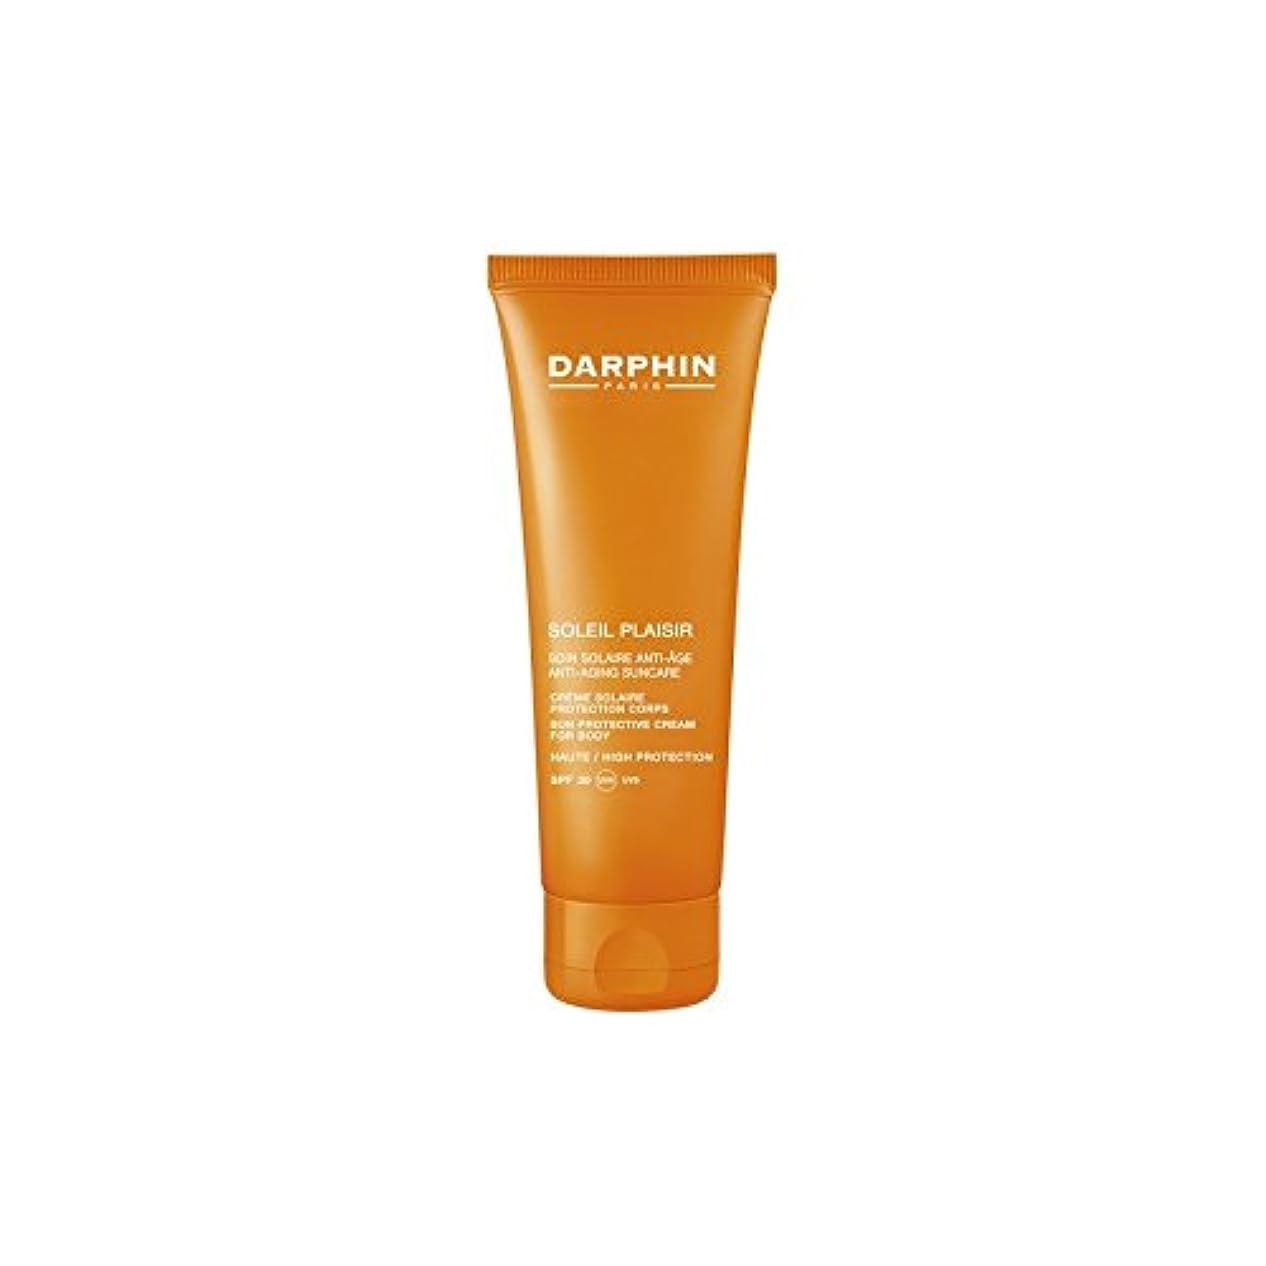 遠洋のバランスクリエイティブダルファンソレイユプレジールボディクリーム x4 - Darphin Soleil Plaisir Body Cream (Pack of 4) [並行輸入品]